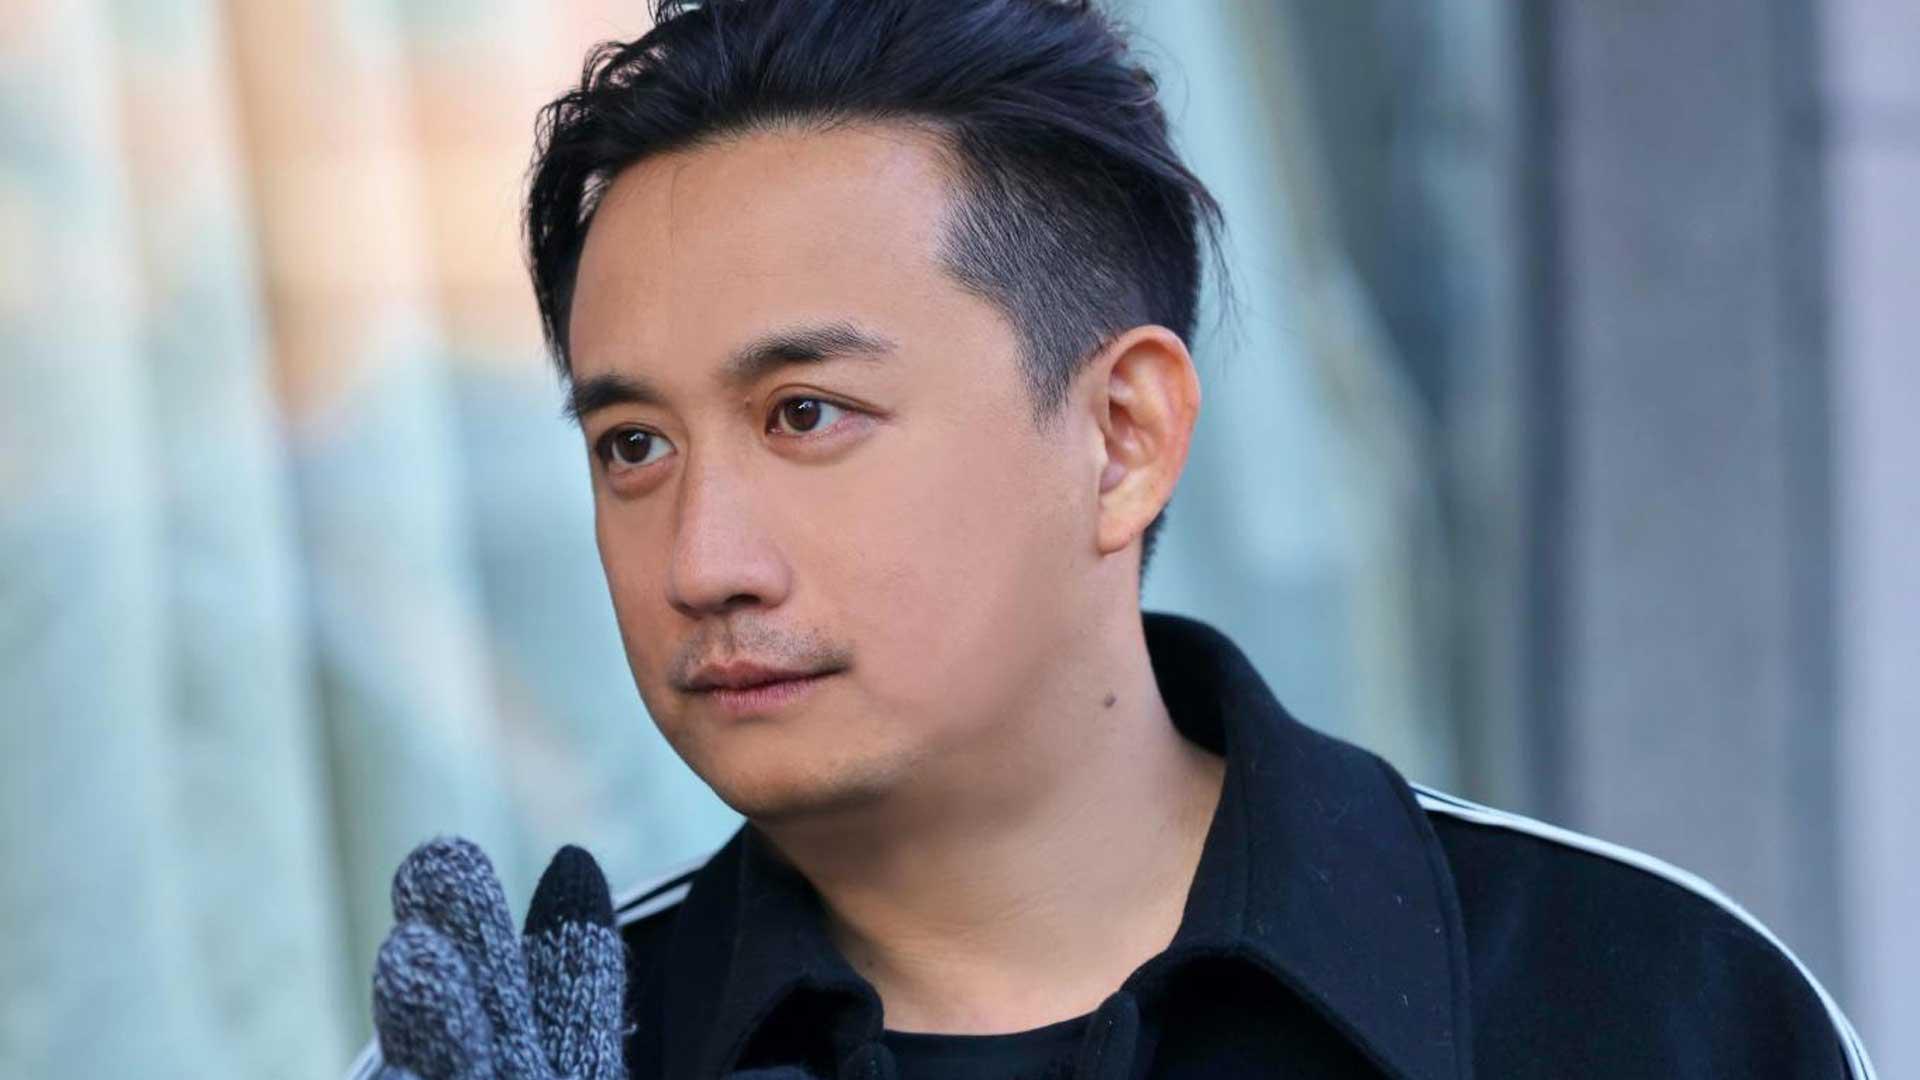 黄磊坦言很后悔没早点生三胎儿子,直言自己60岁时儿子才到青春期